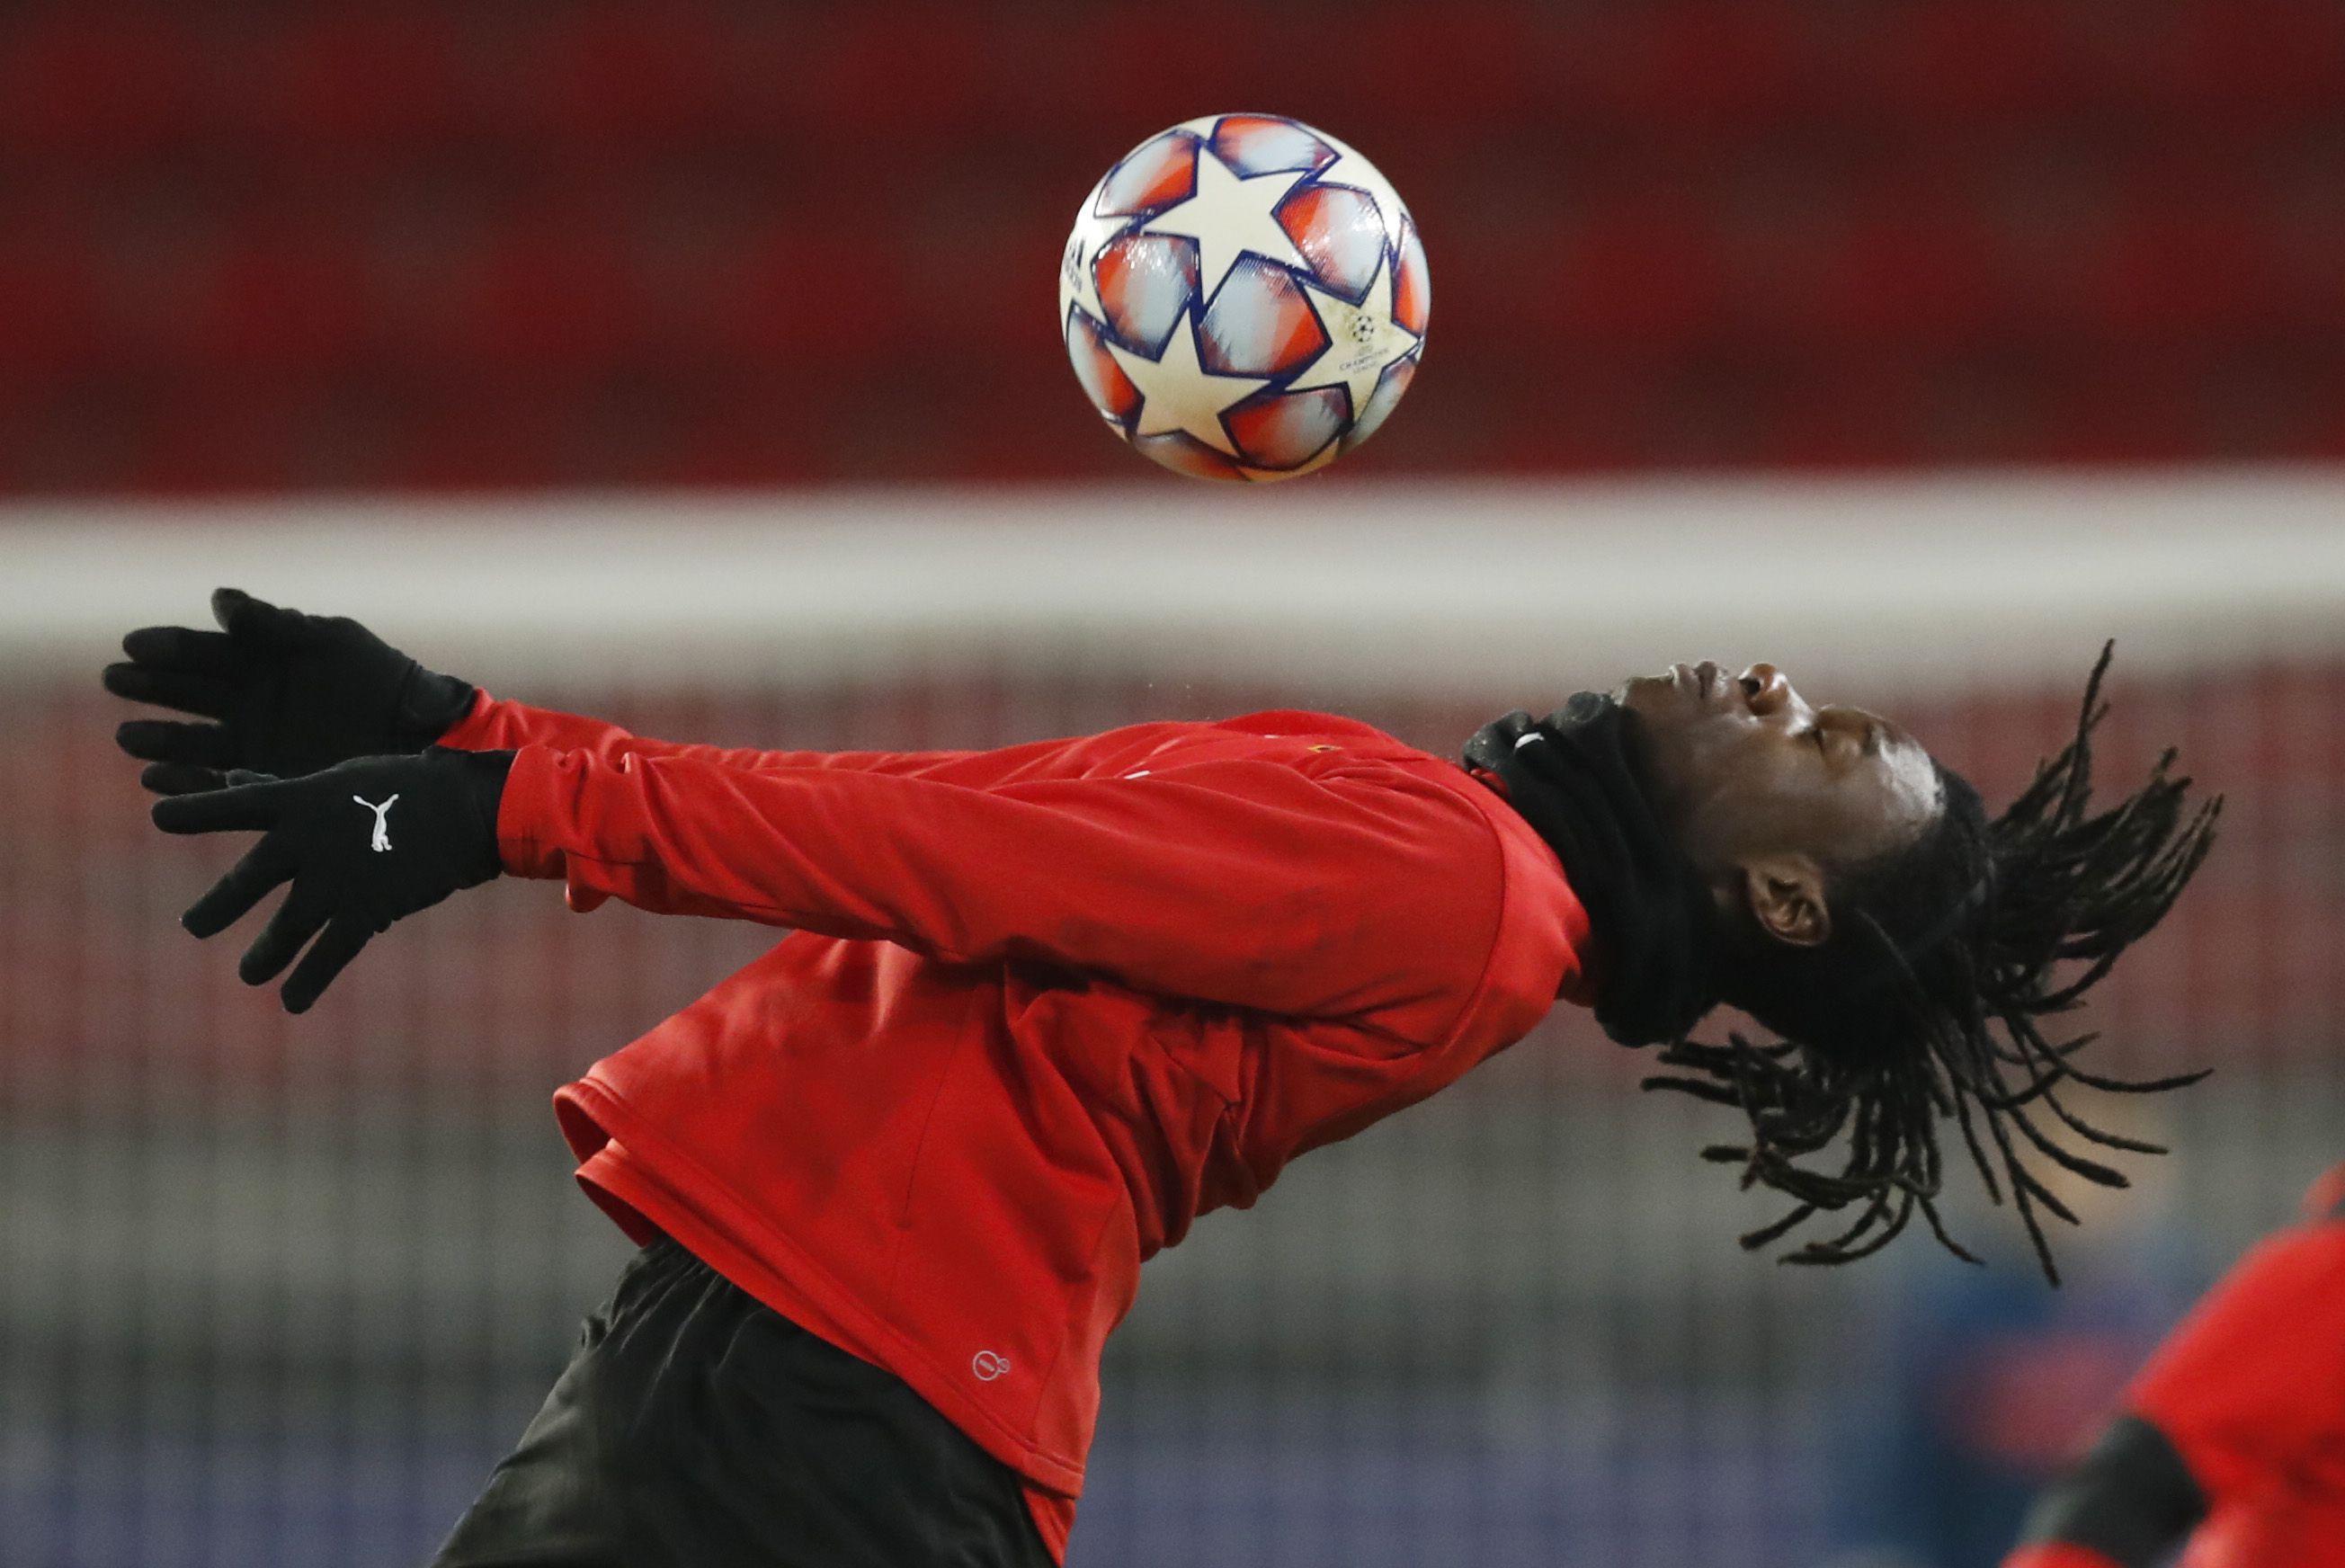 Fue el jugador más joven en debutar en la liga francesa con 16 años y poco más de 4 meses (REUTERS/Stephane Mahe)